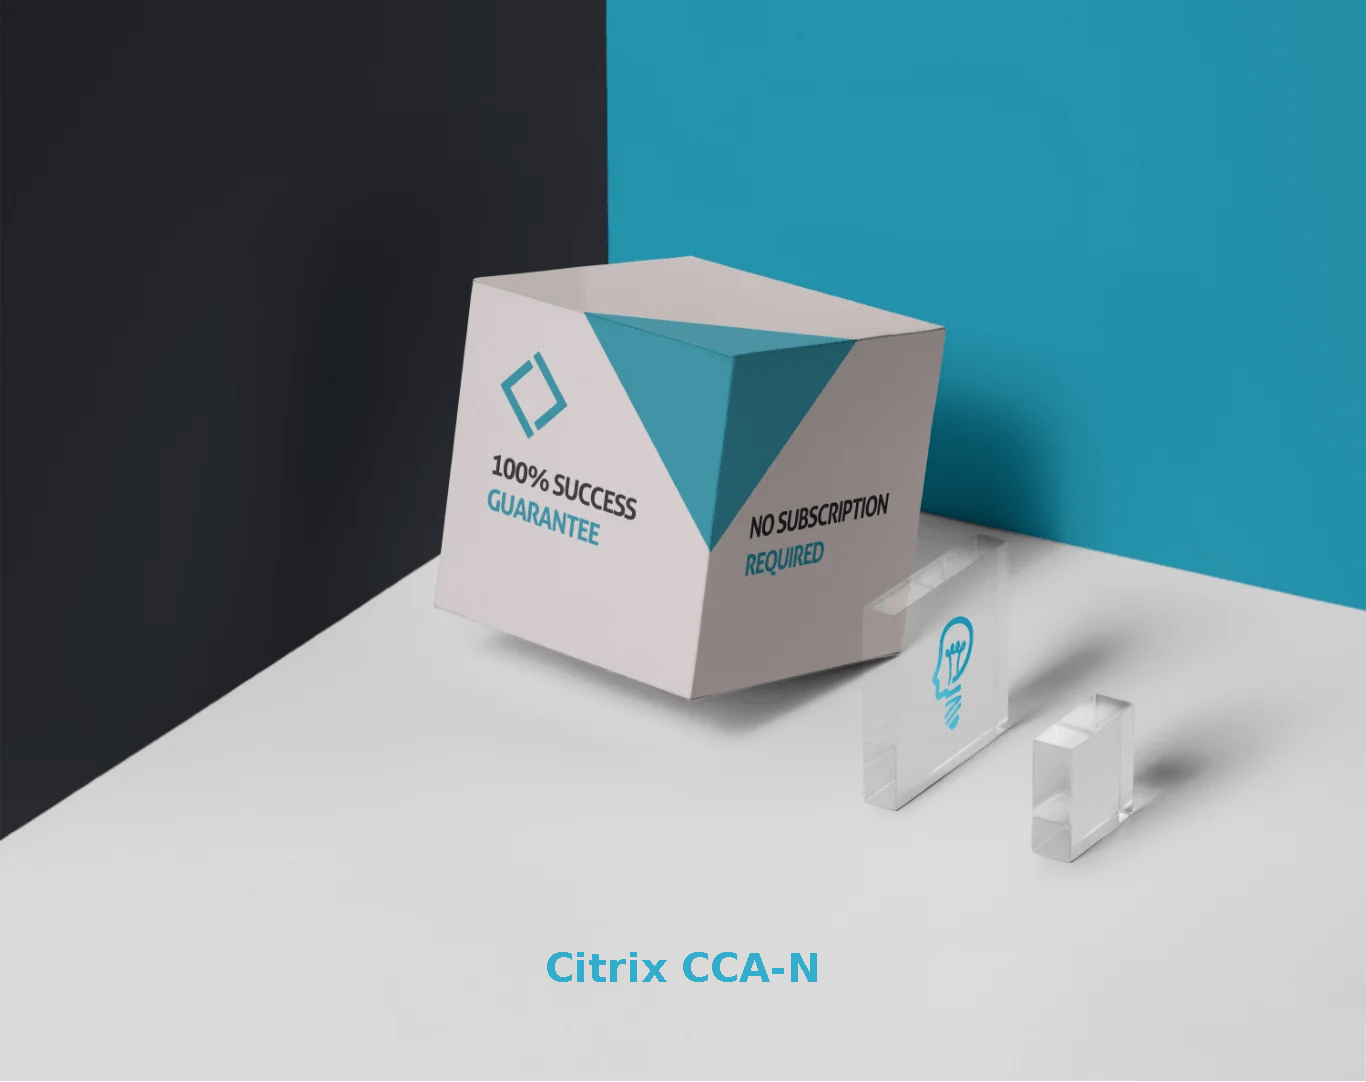 CCA-N Dumps